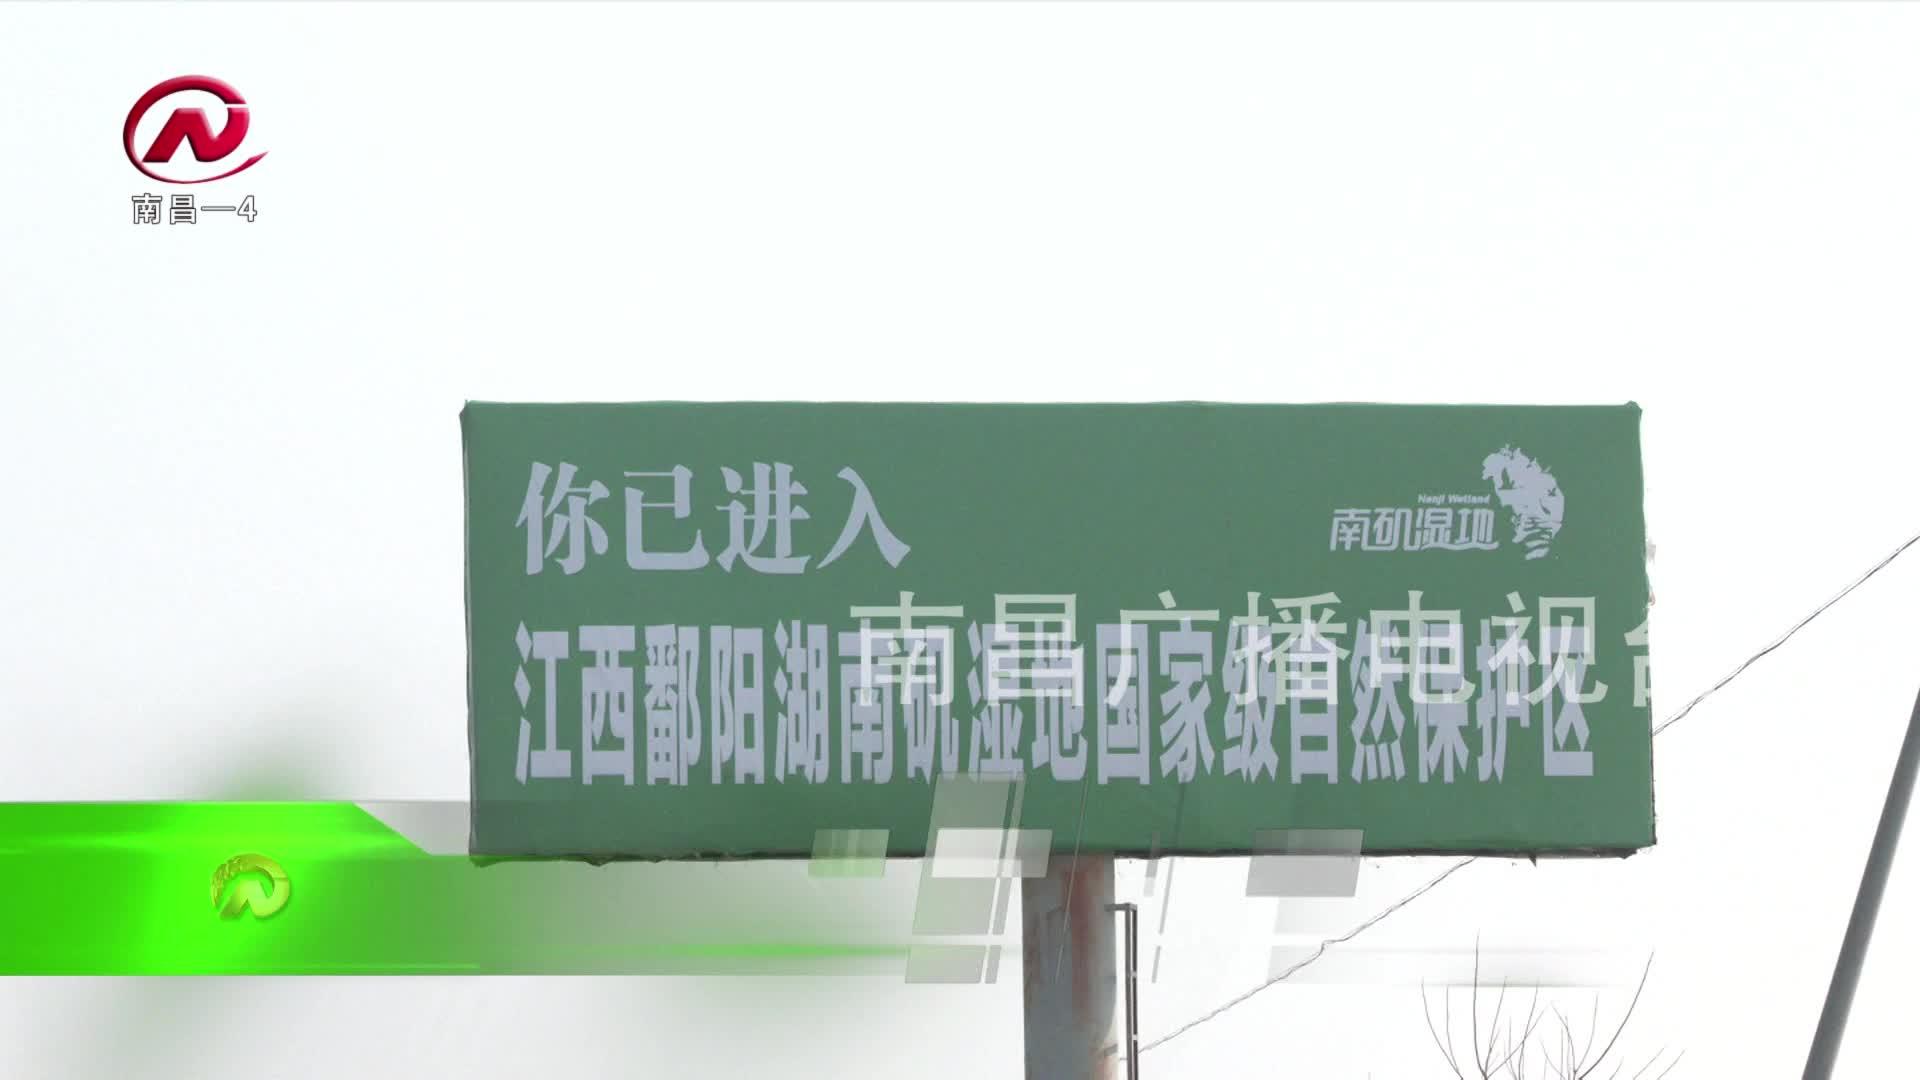 【豫章农视】全天候立体式巡护 保障候鸟安全越冬